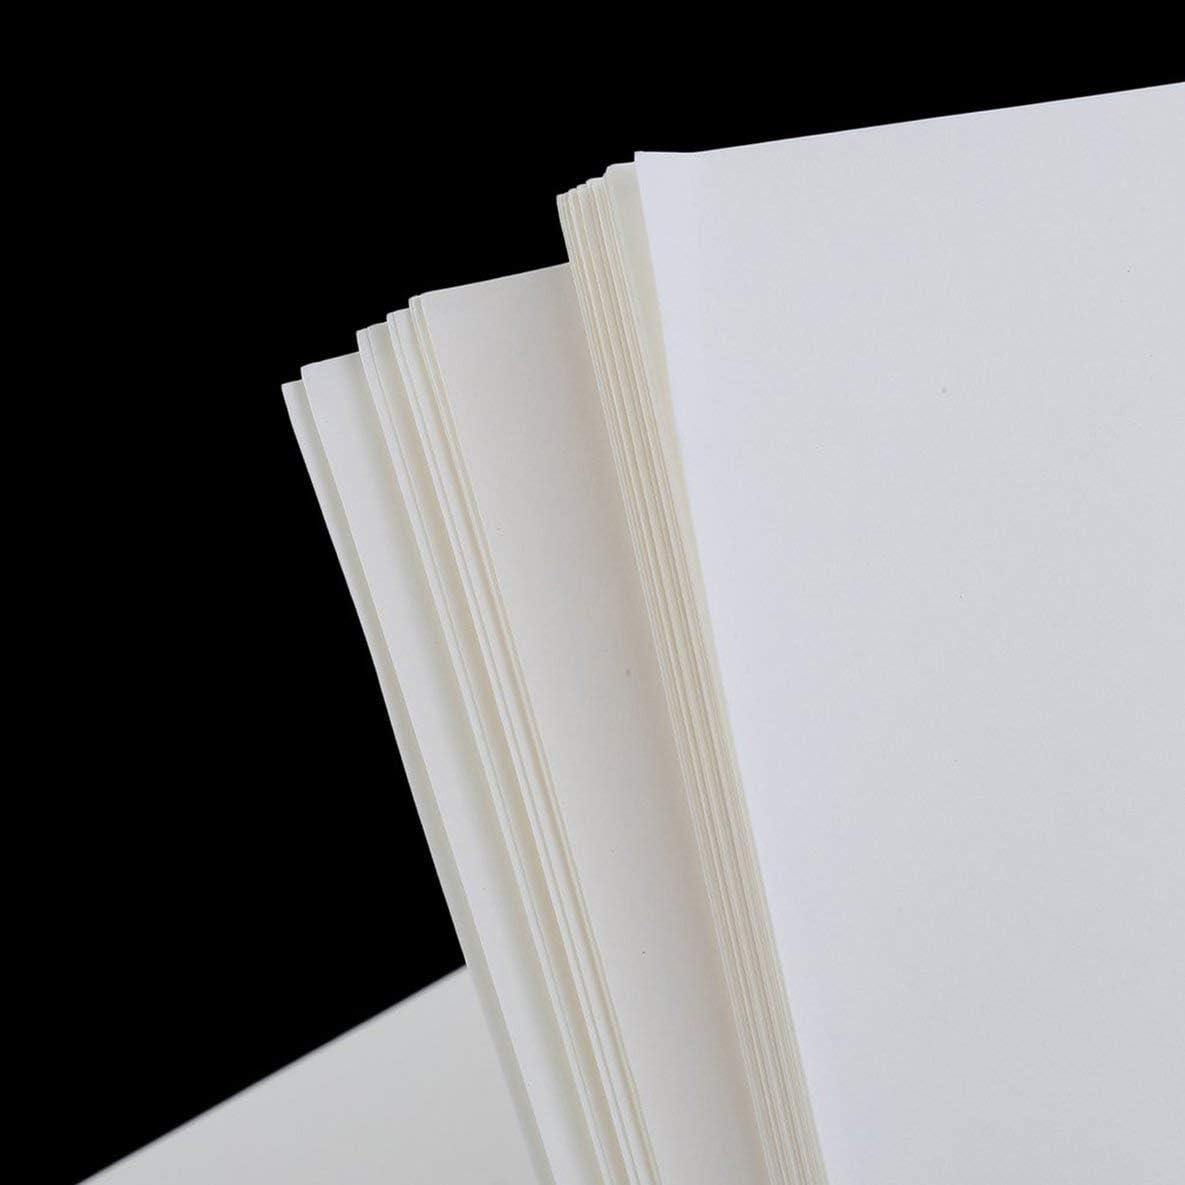 100 unidades A4 papel de sublimación impreso para camiseta, de algodón y poliéster, hierro, sobre papel de transferencia, impresión de transferencia de calor, accesorios – blanco: Amazon.es: Oficina y papelería